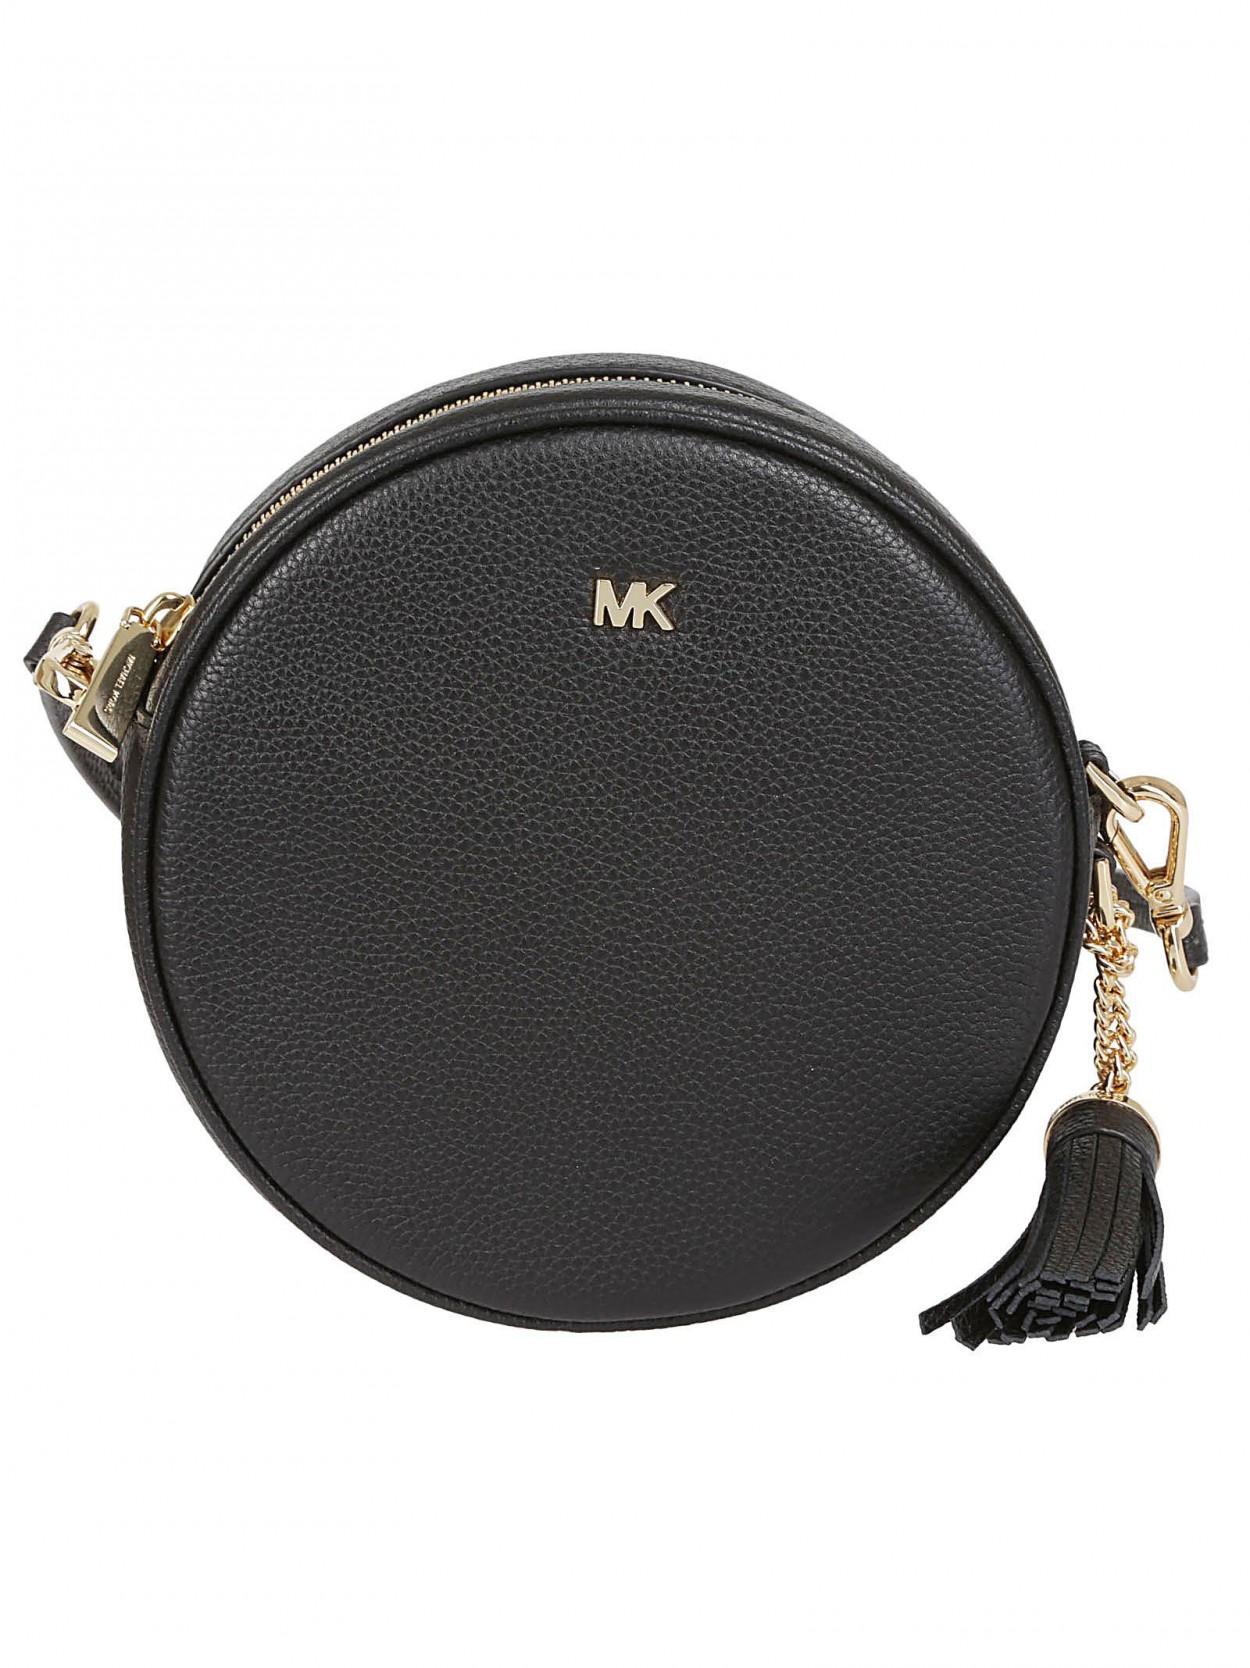 negozio online a6f2a 333df Women's Black MICHAEL KORS borsa a tracolla cross body